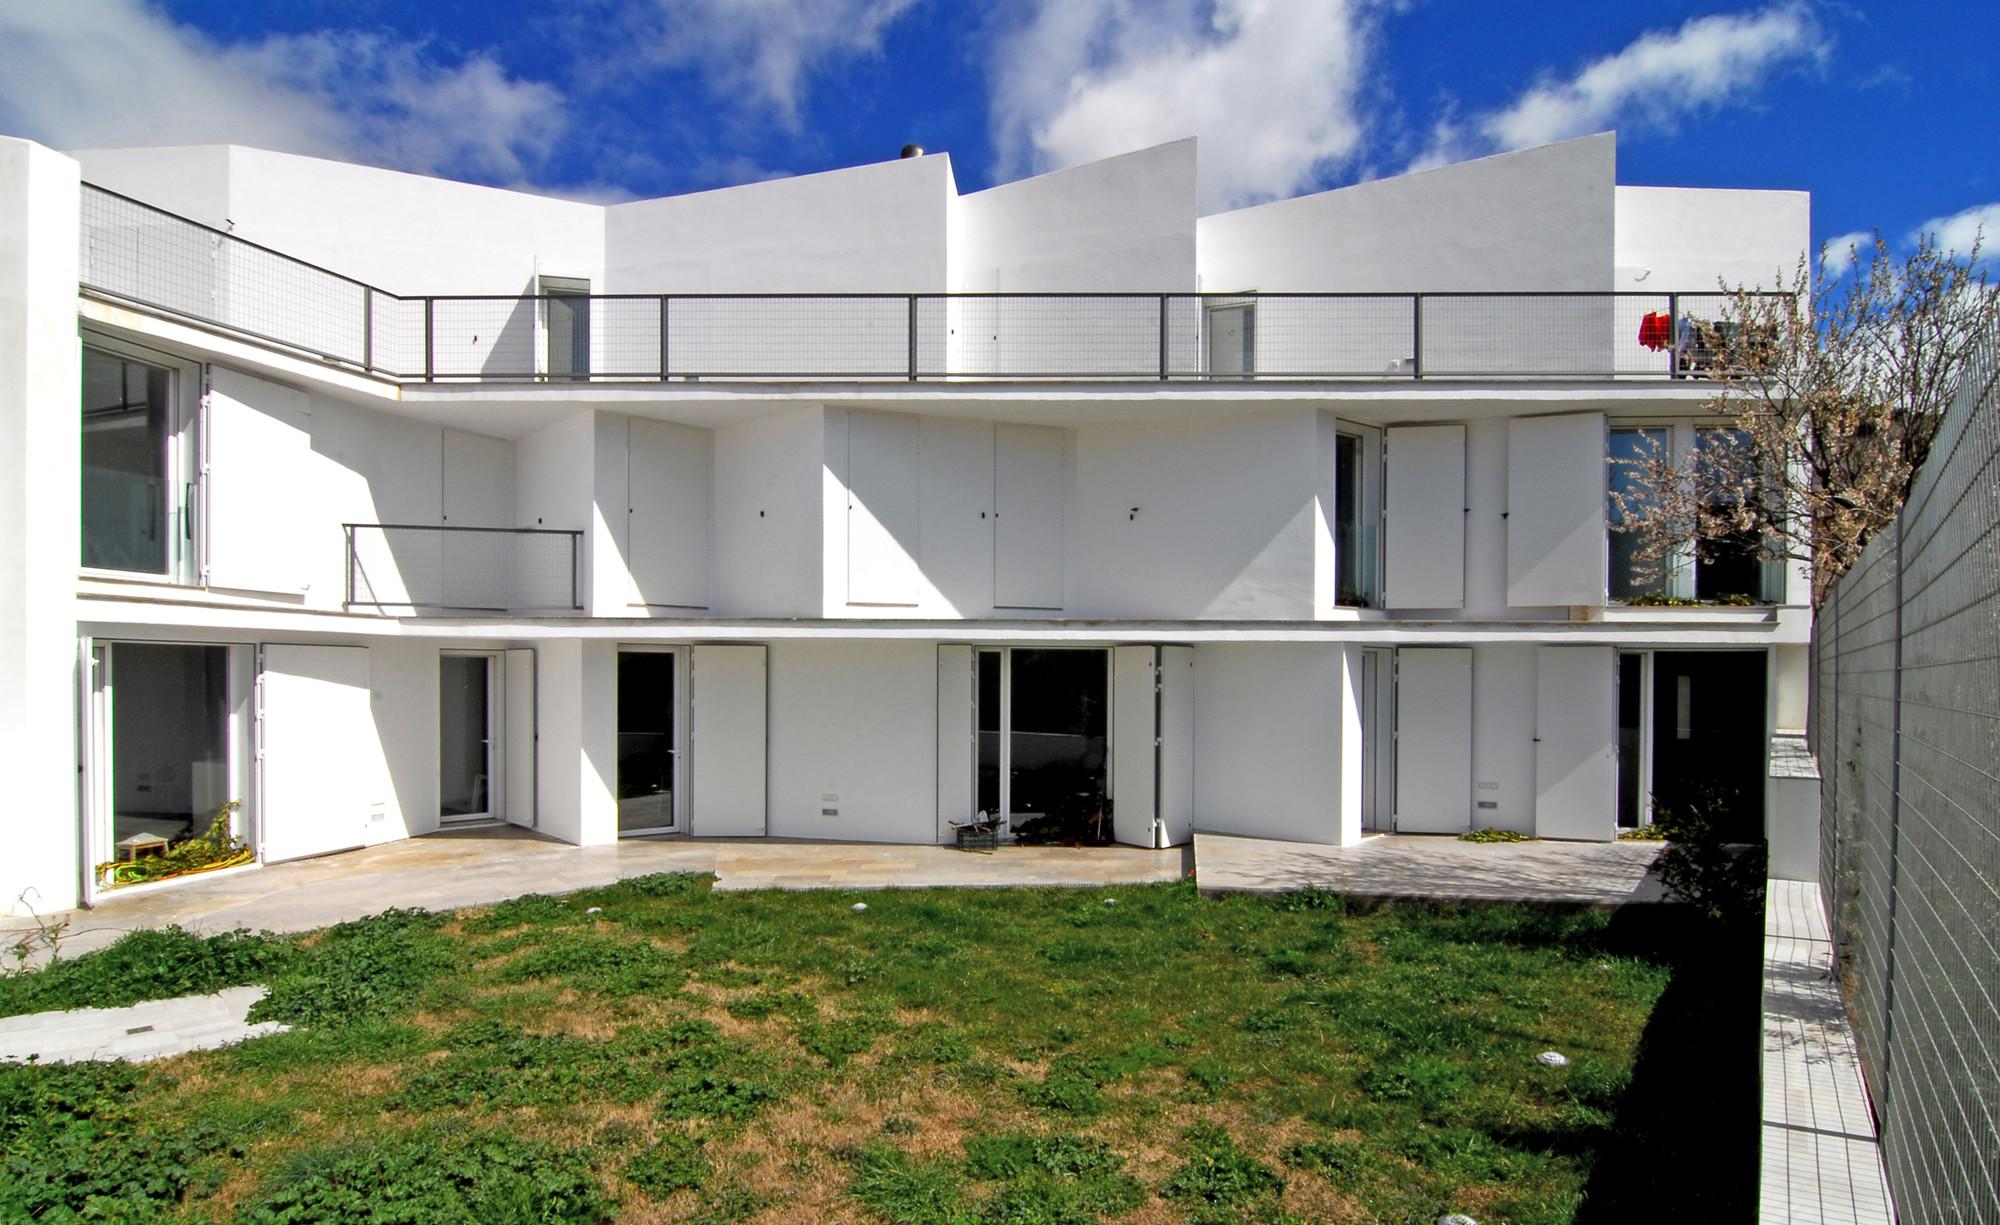 3X1 House / Romera y Ruiz Arquitectos, Courtesy of Romera y Ruiz Arquitectos